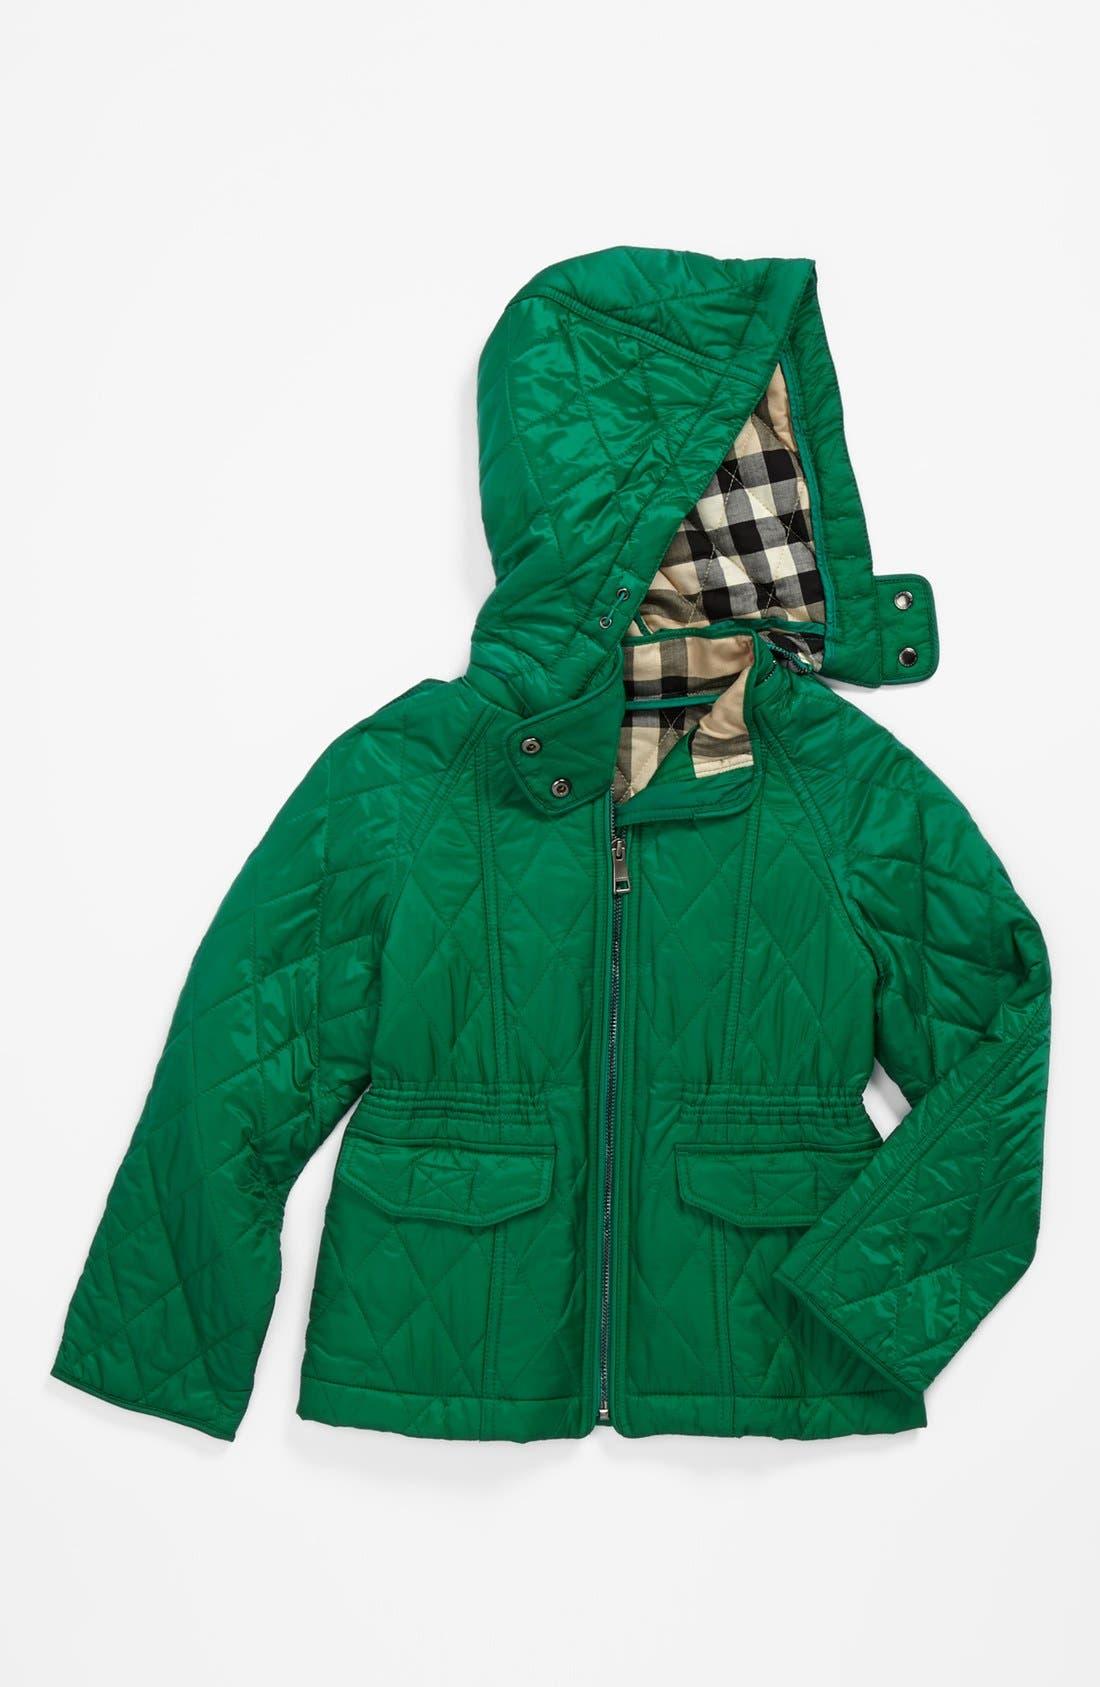 Alternate Image 1 Selected - Burberry 'Grandale' Hooded Waterproof Jacket (Little Girls & Big Girls)